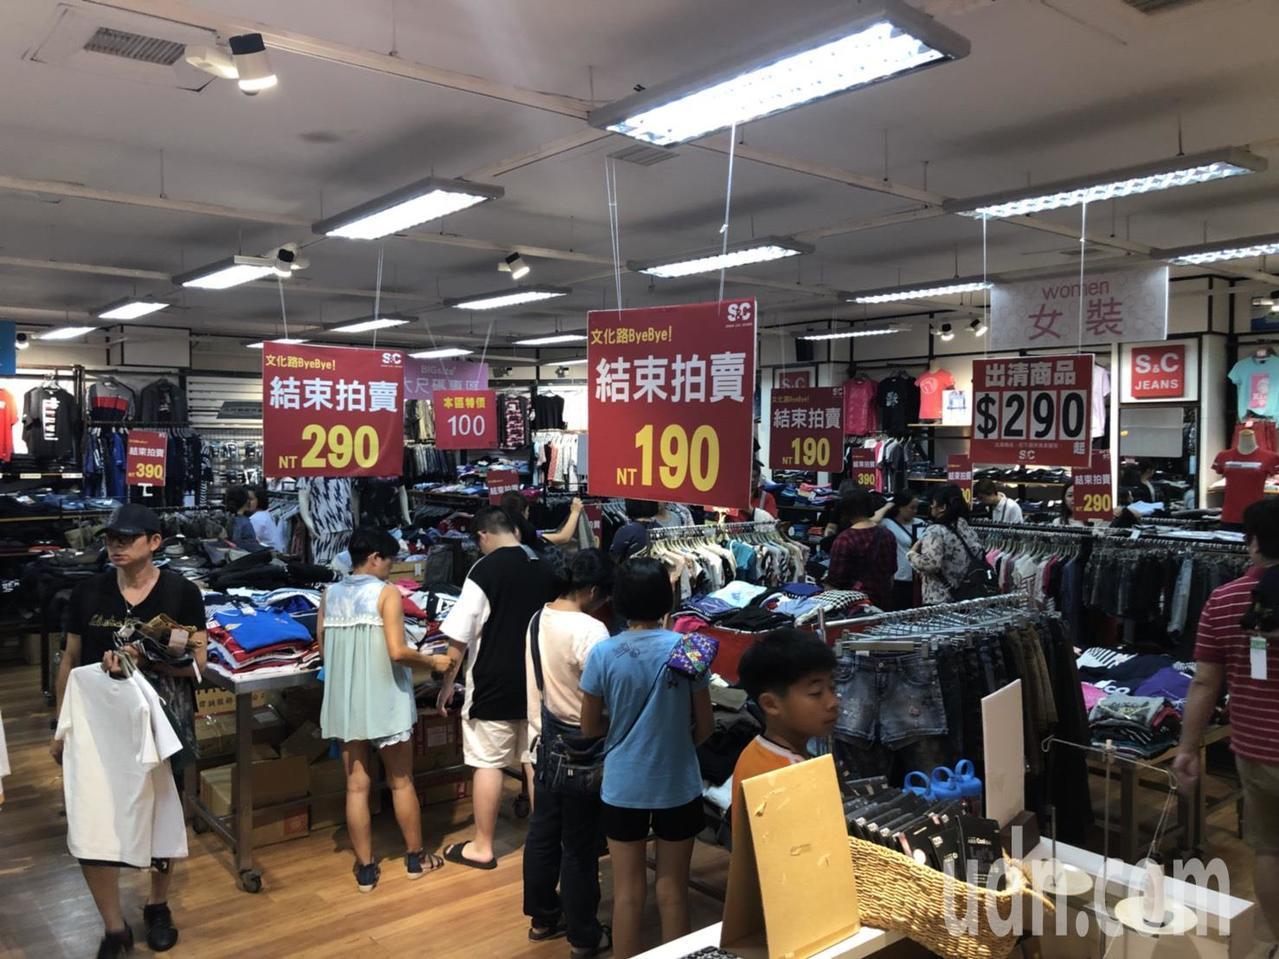 在嘉義市文化路商圈經營近30年的服飾店家,日前宣布結束營業,正舉辦拍賣會。業者駱...